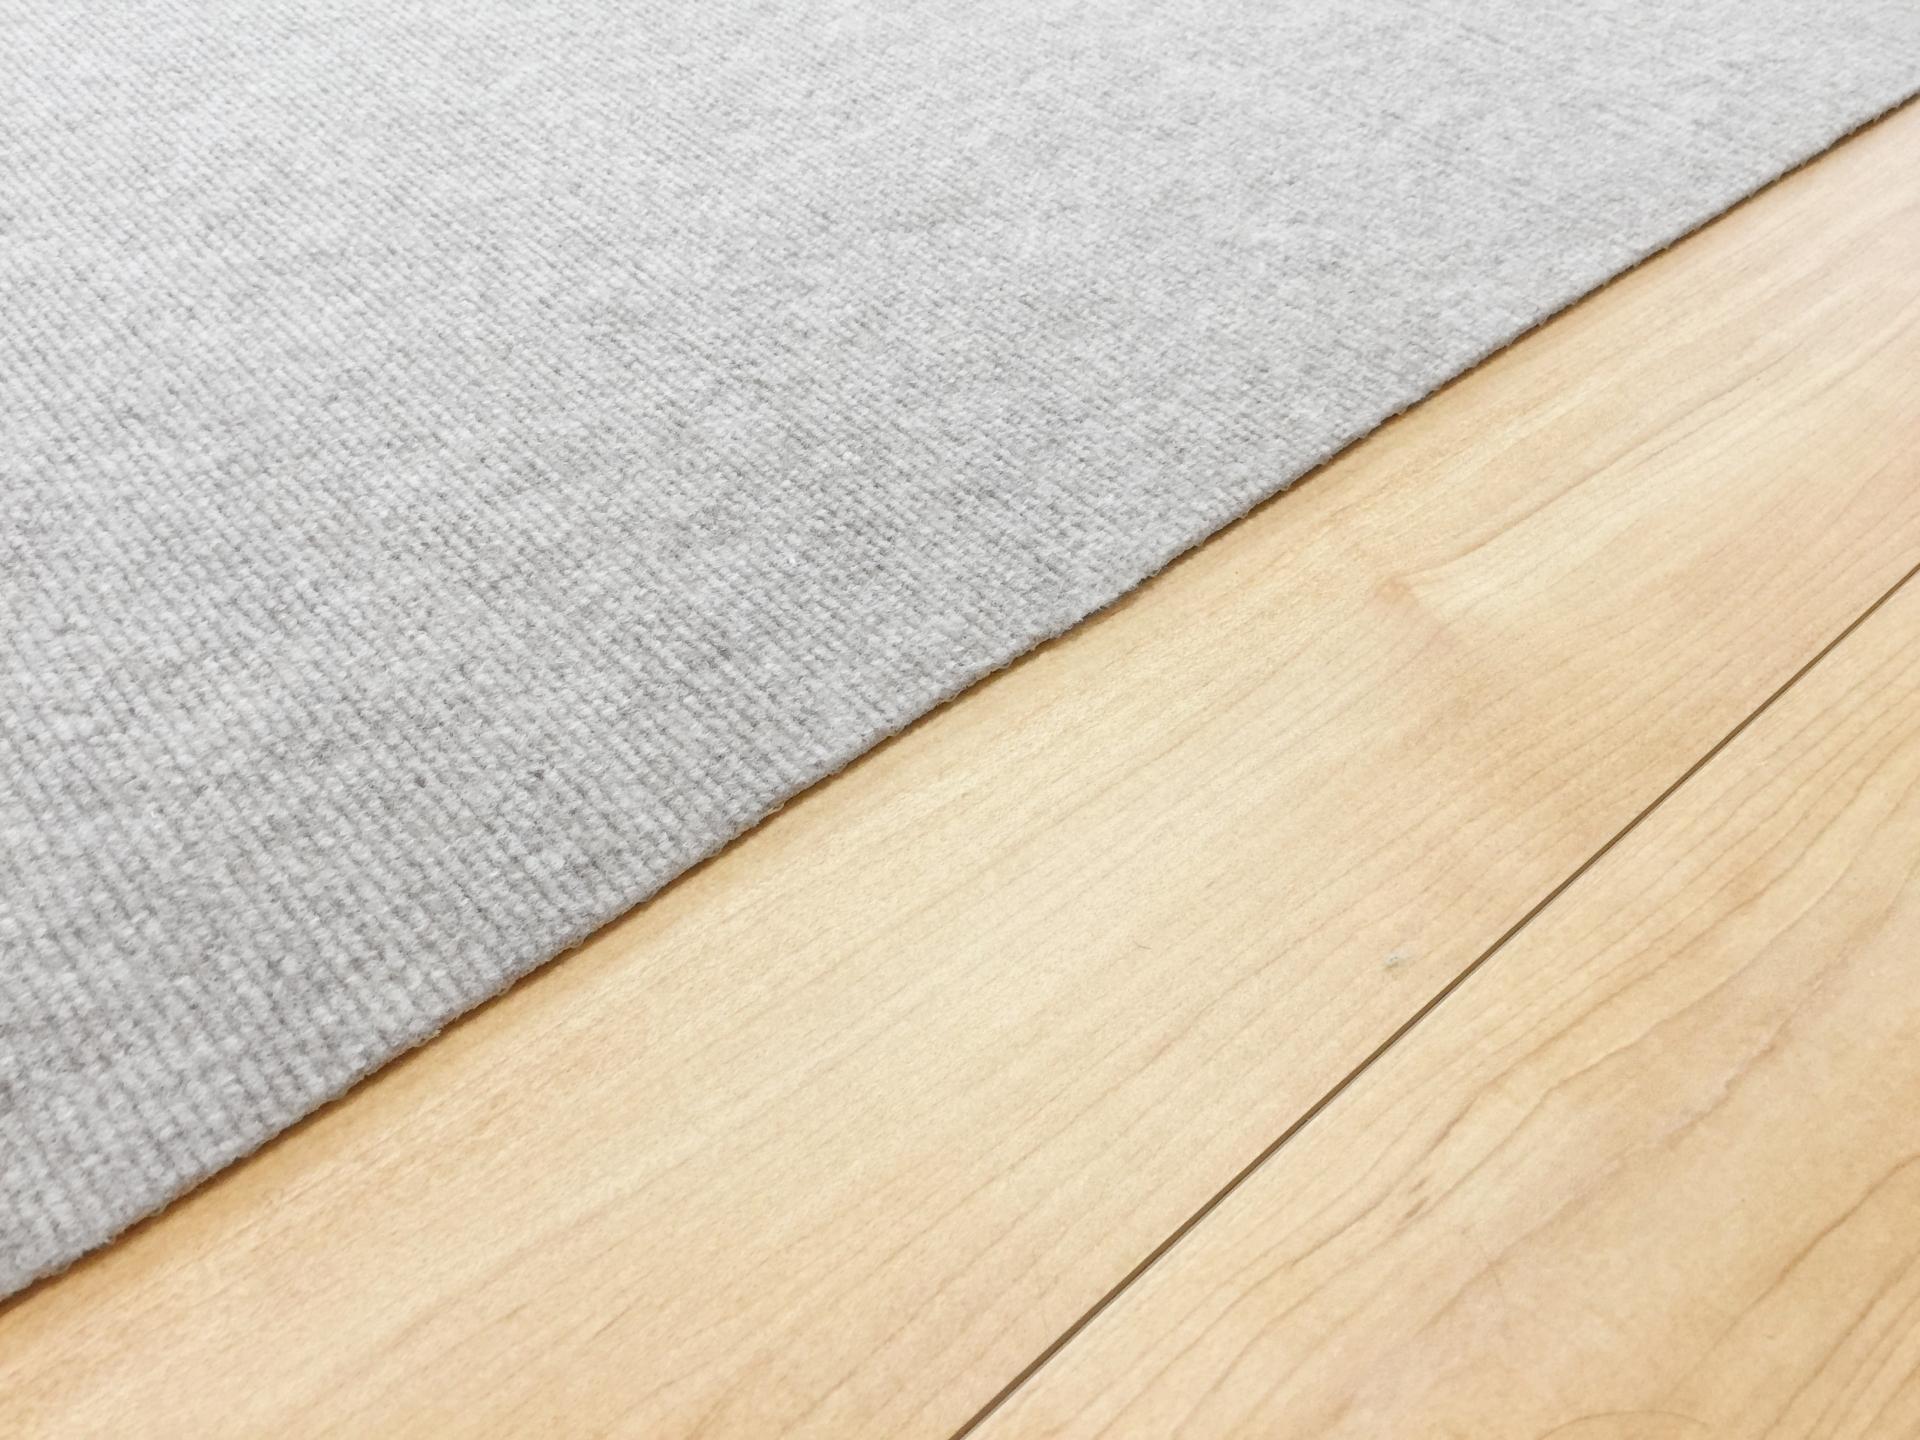 ラグやマットを敷くことで部屋鳴りを軽減できる。